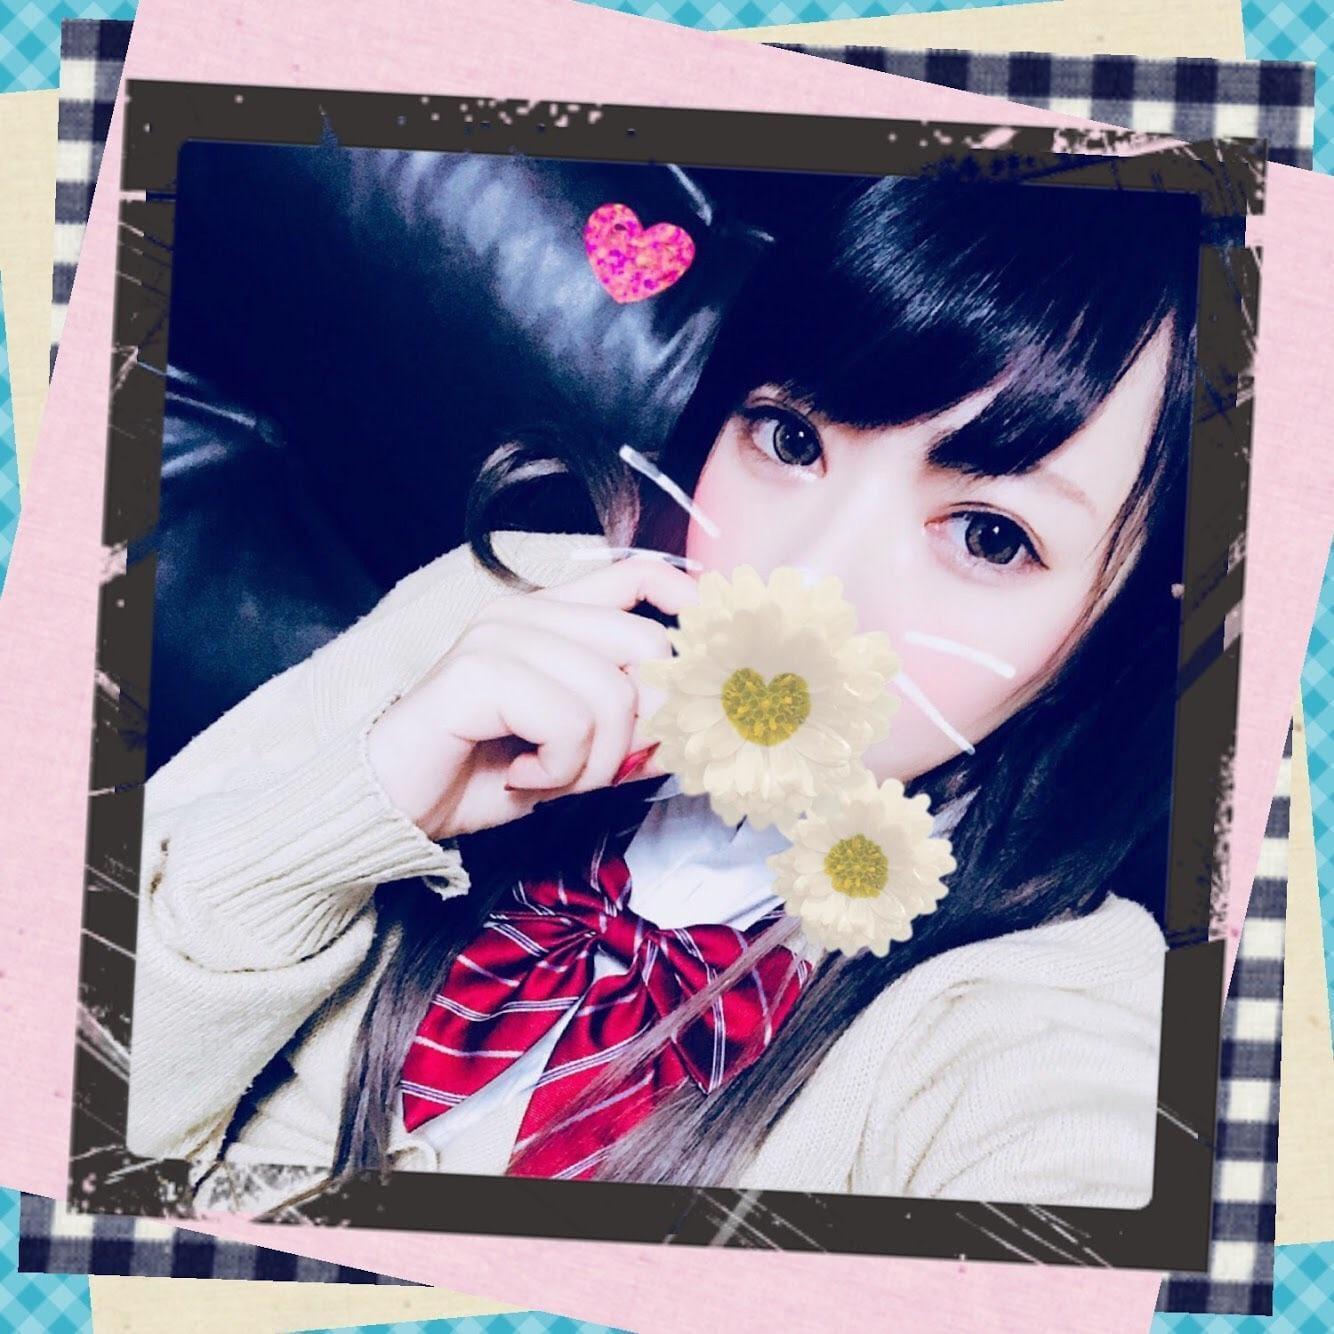 「*瀕死*」12/06(12/06) 19:20 | じぇむの写メ・風俗動画